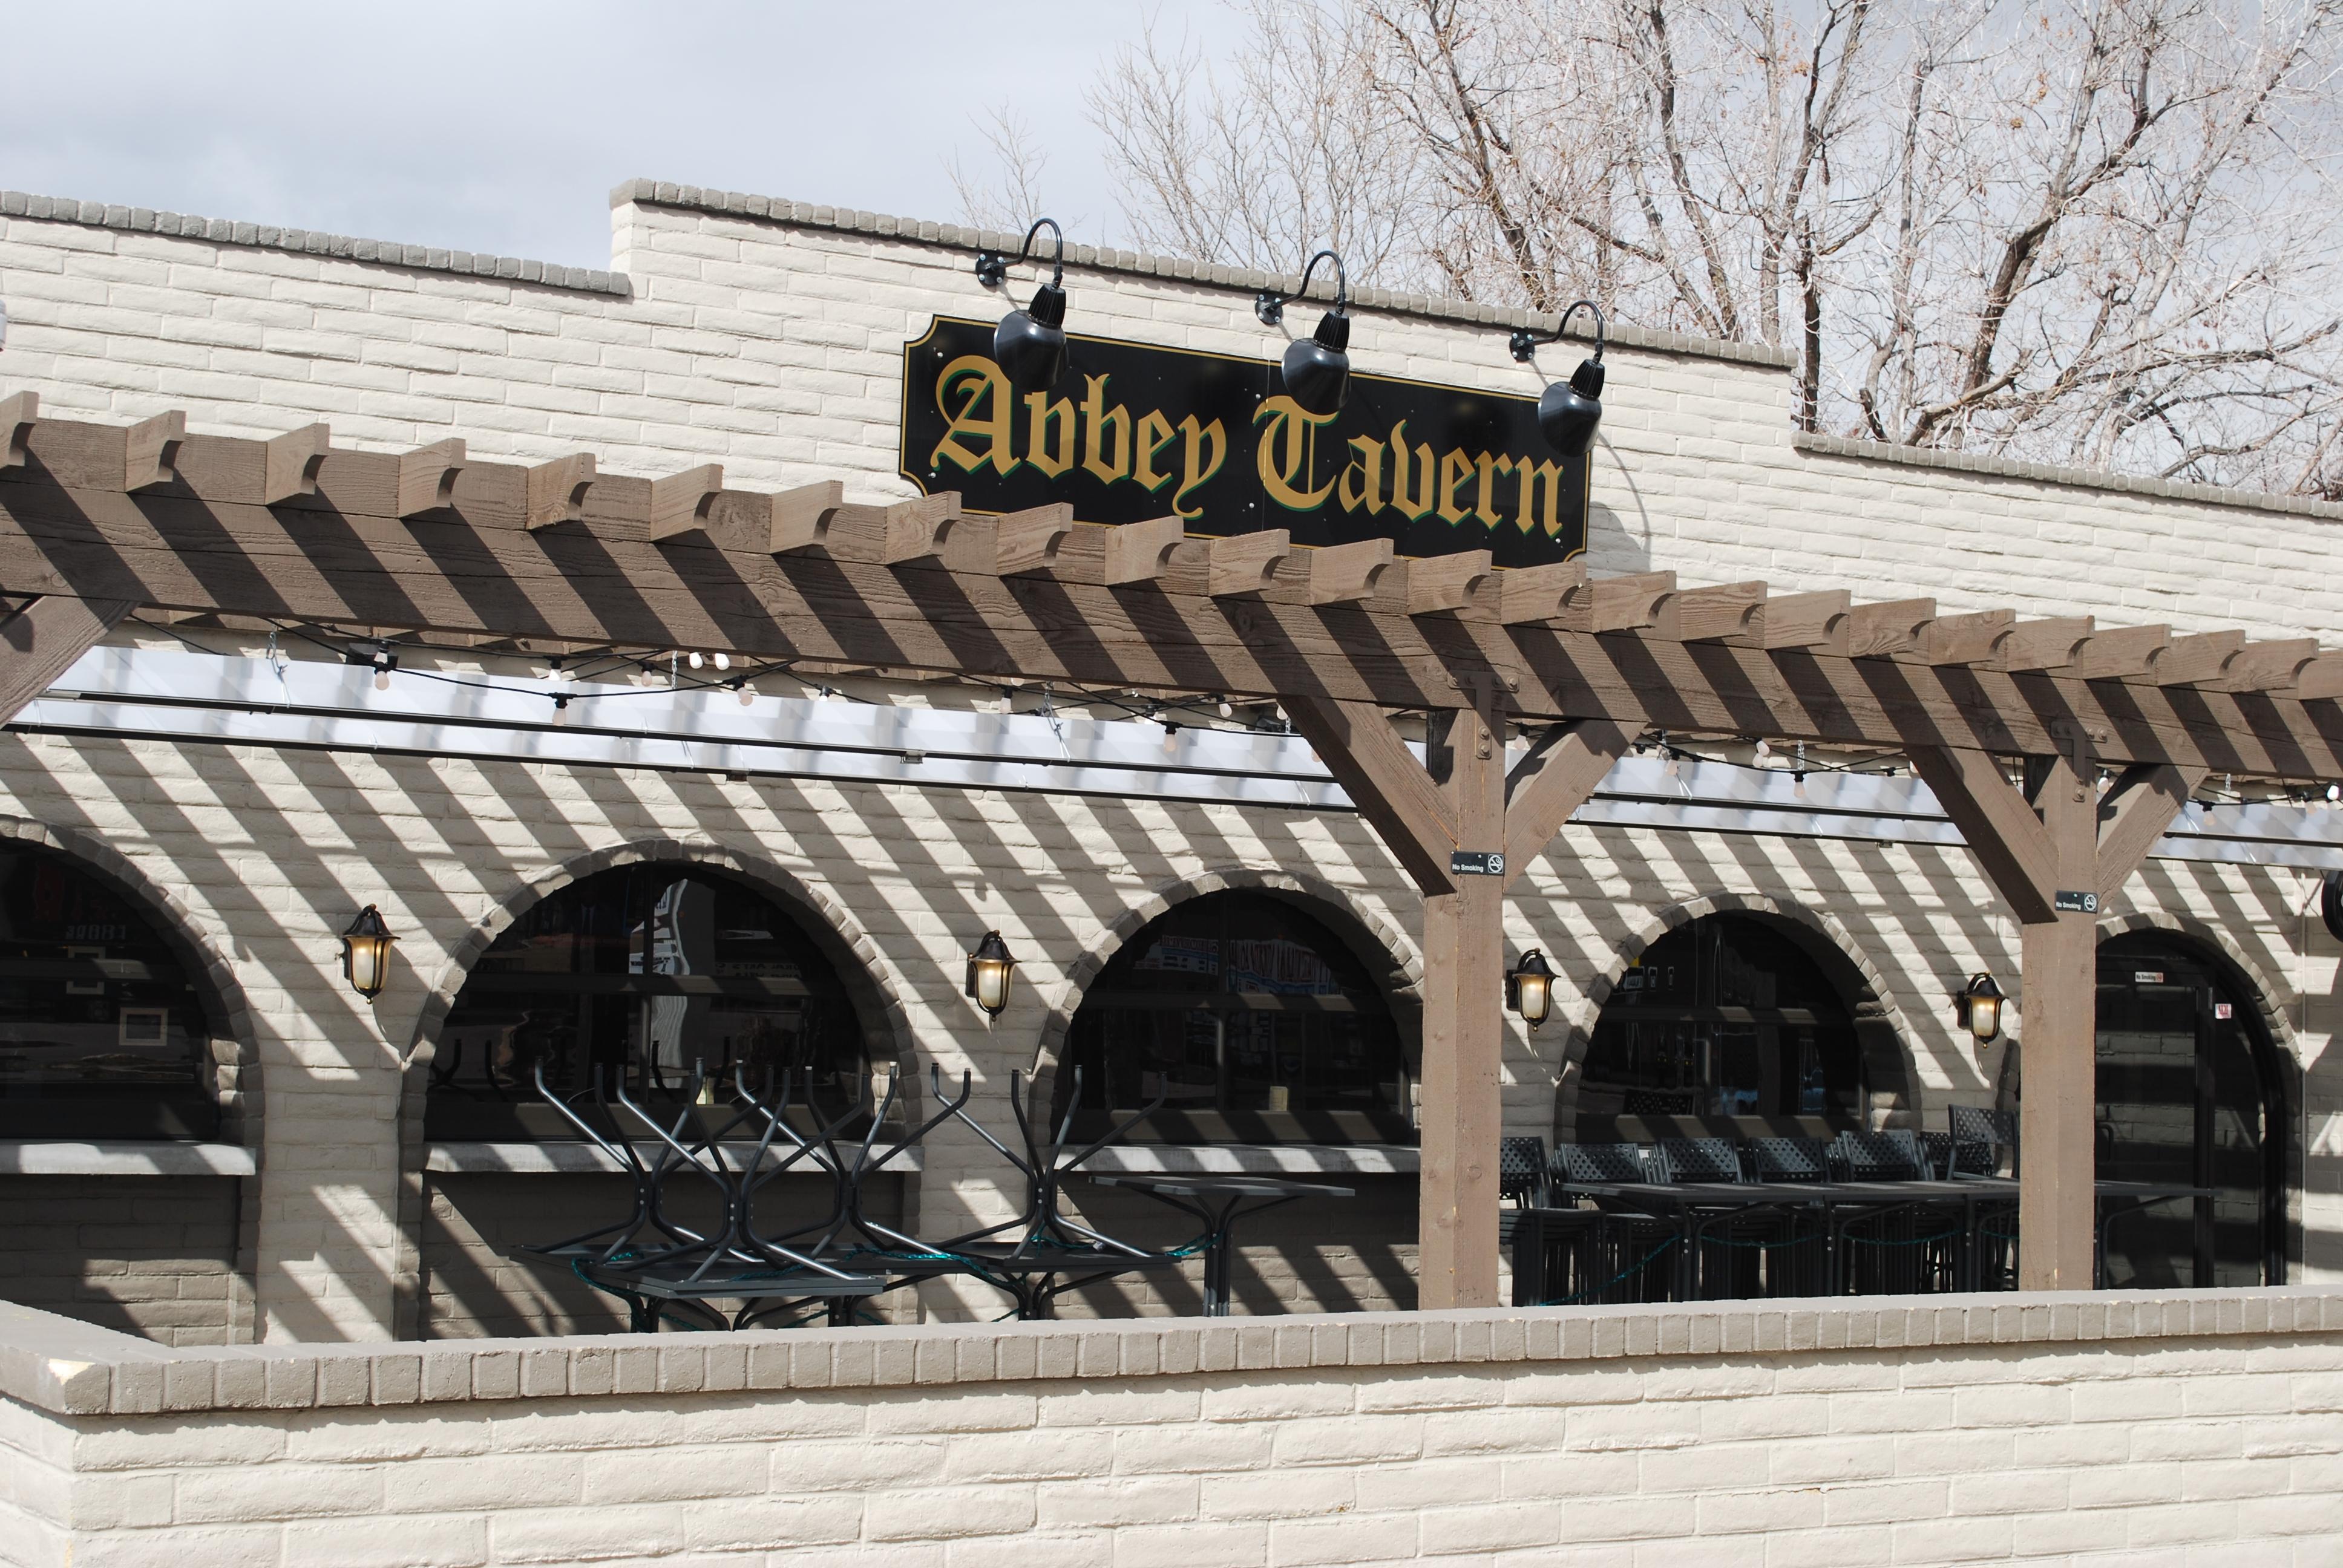 http://www.stapletondenver.com/wp-content/uploads/Abbey_Tavern_1.JPG